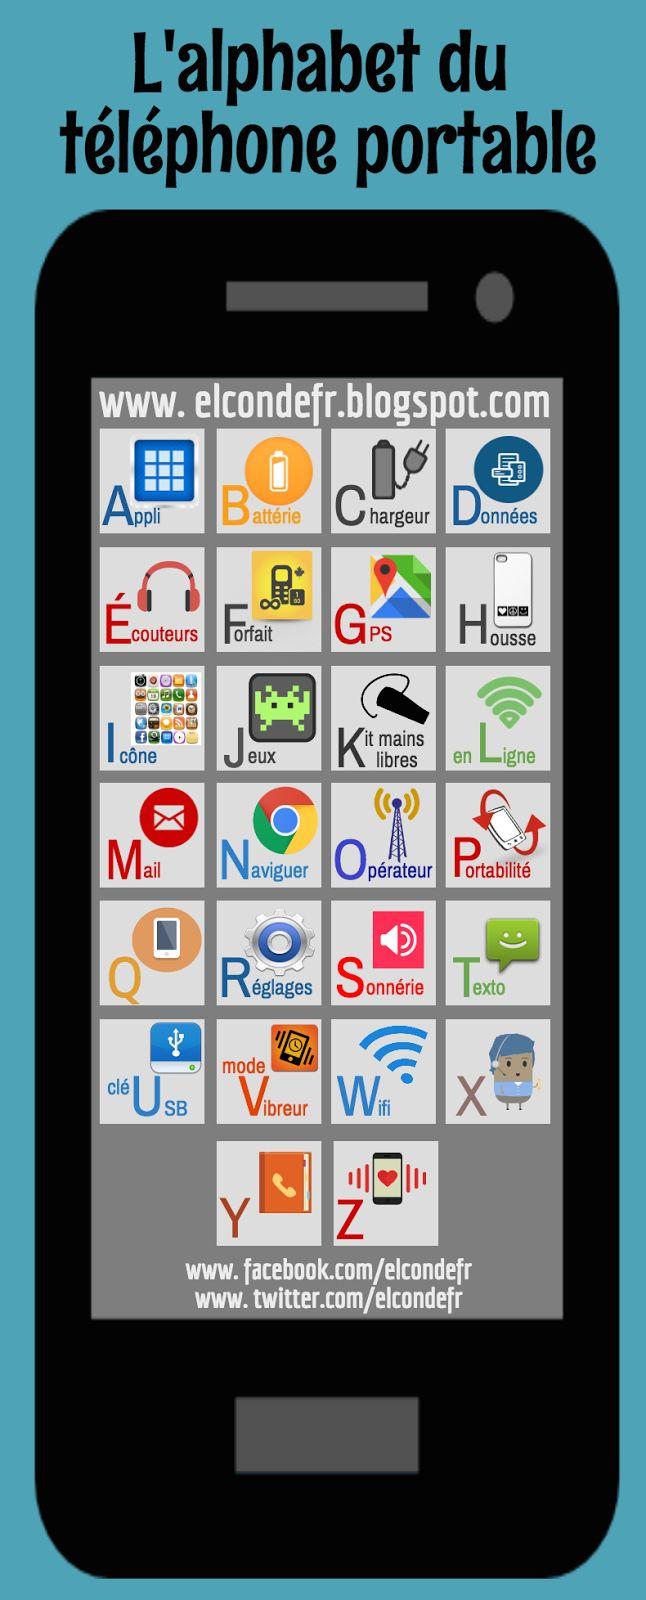 El Conde. fr: L'alphabet du téléphone portable